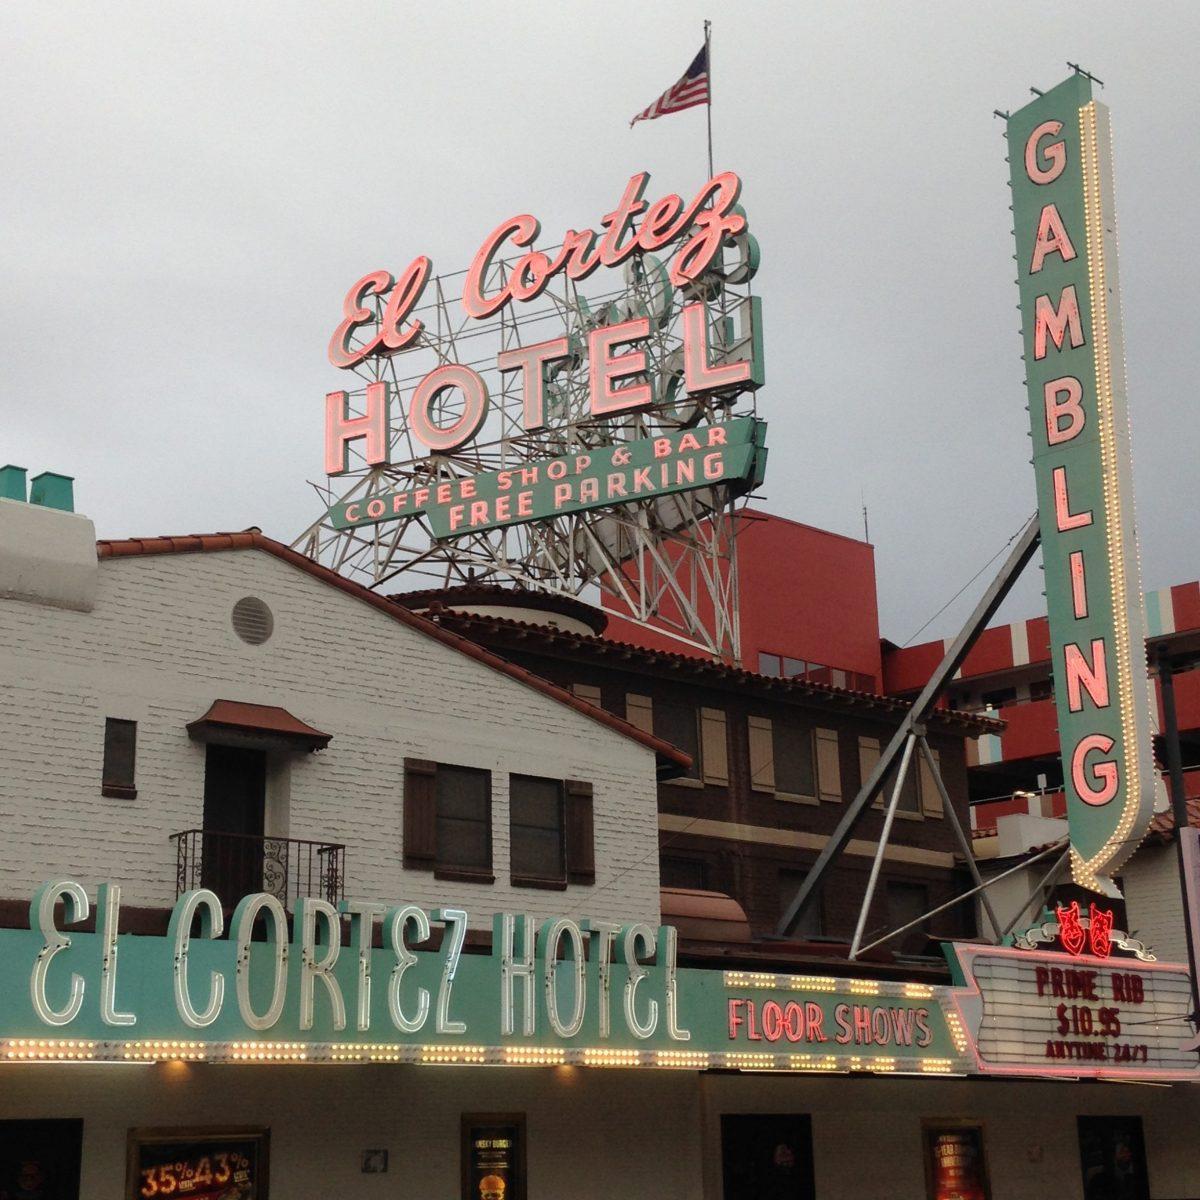 Memento El Cortez Hotel Las Vegas Dave Olson Creative Life